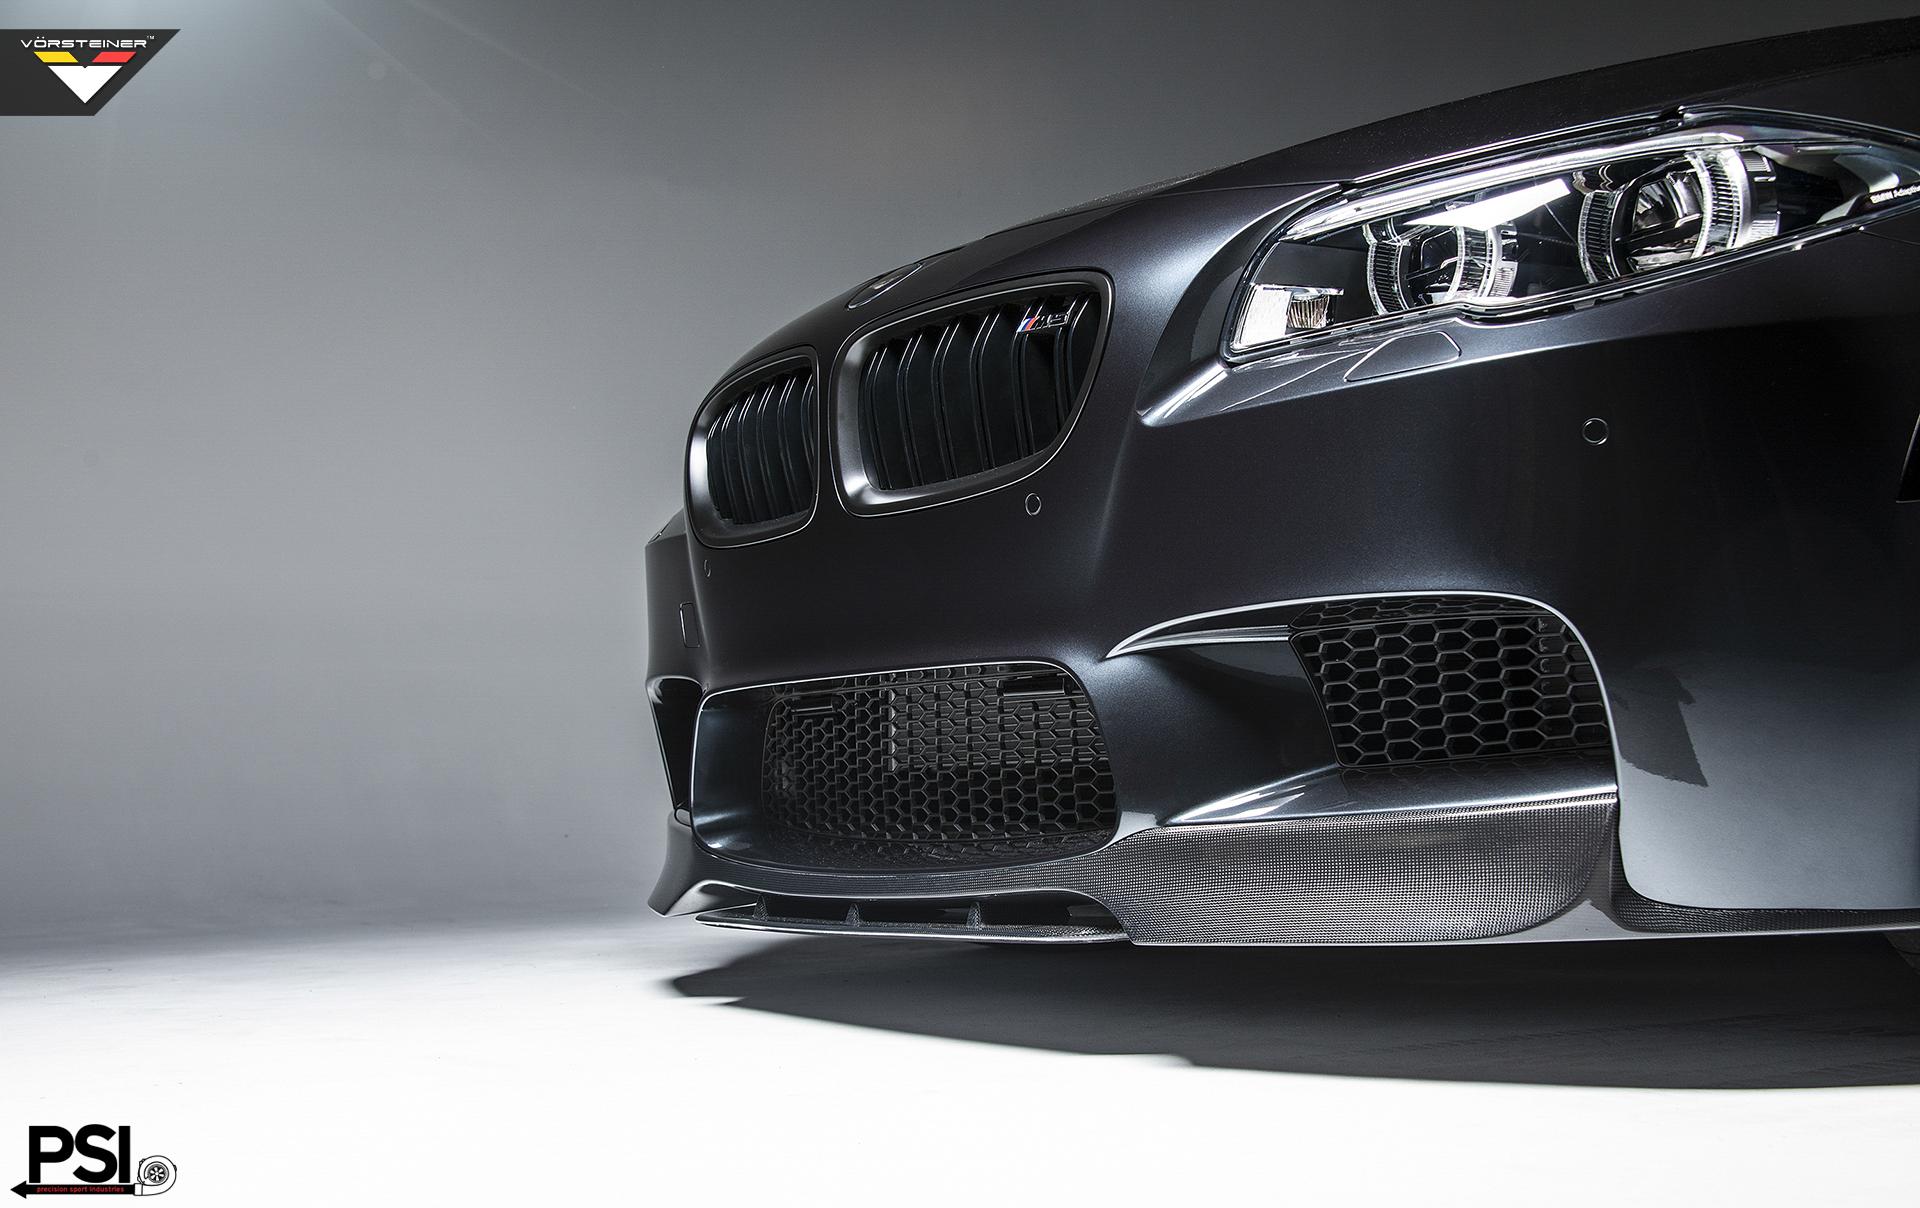 Vorsteiner_BMW_F10M5_007